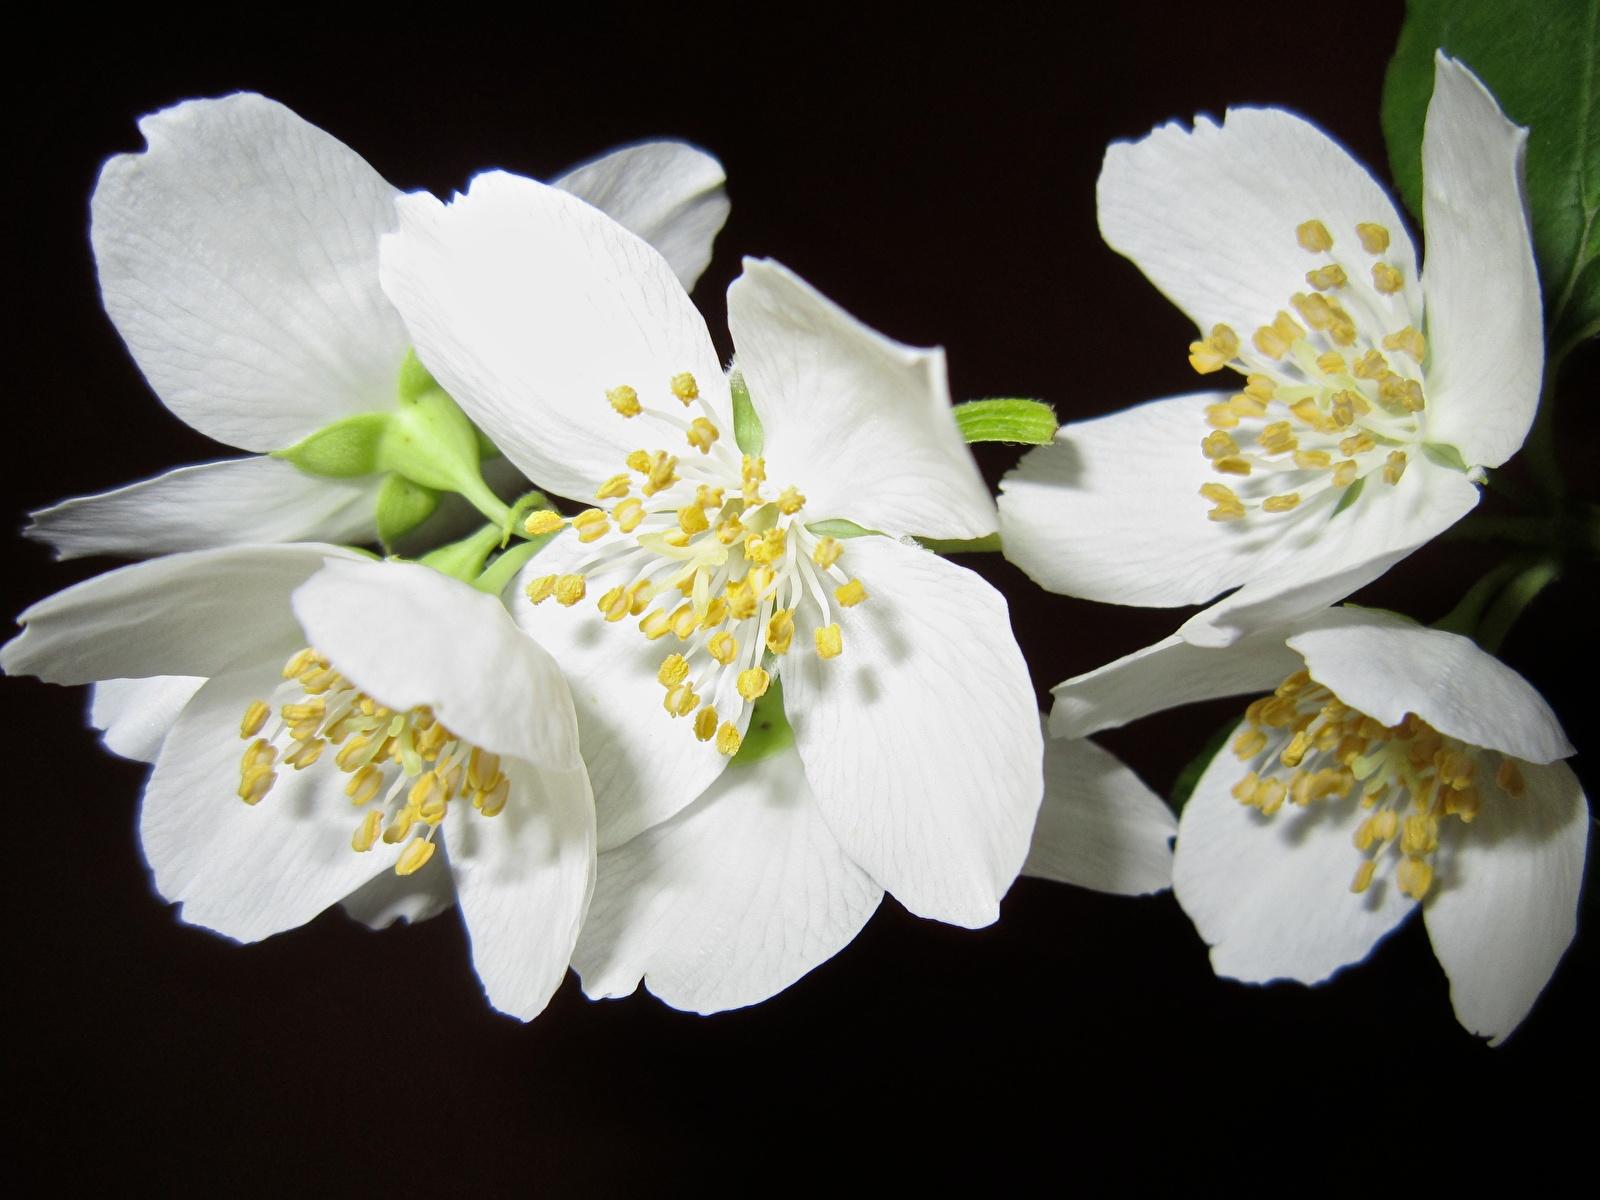 Fotos Jasminum Weiß Blüte Großansicht Schwarzer Hintergrund 1600x1200 Blumen hautnah Nahaufnahme